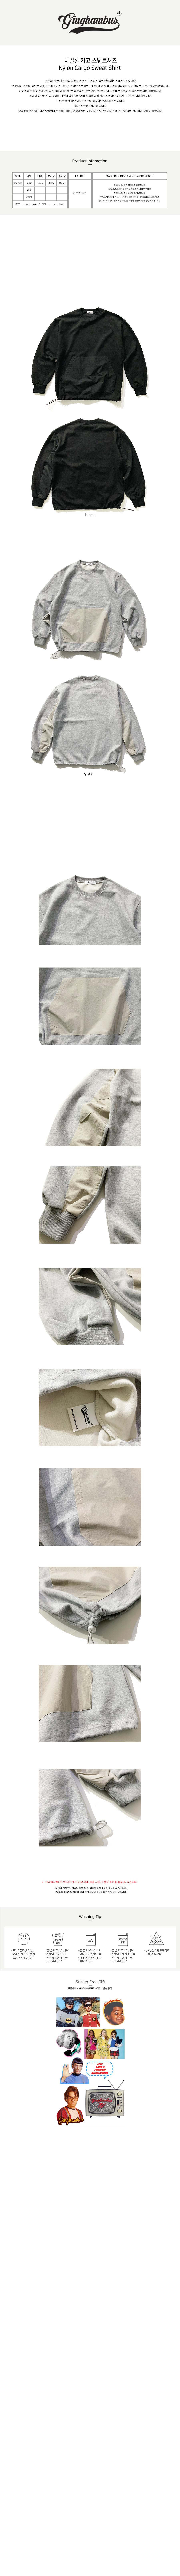 nyloncargosweatshirt9001.jpg